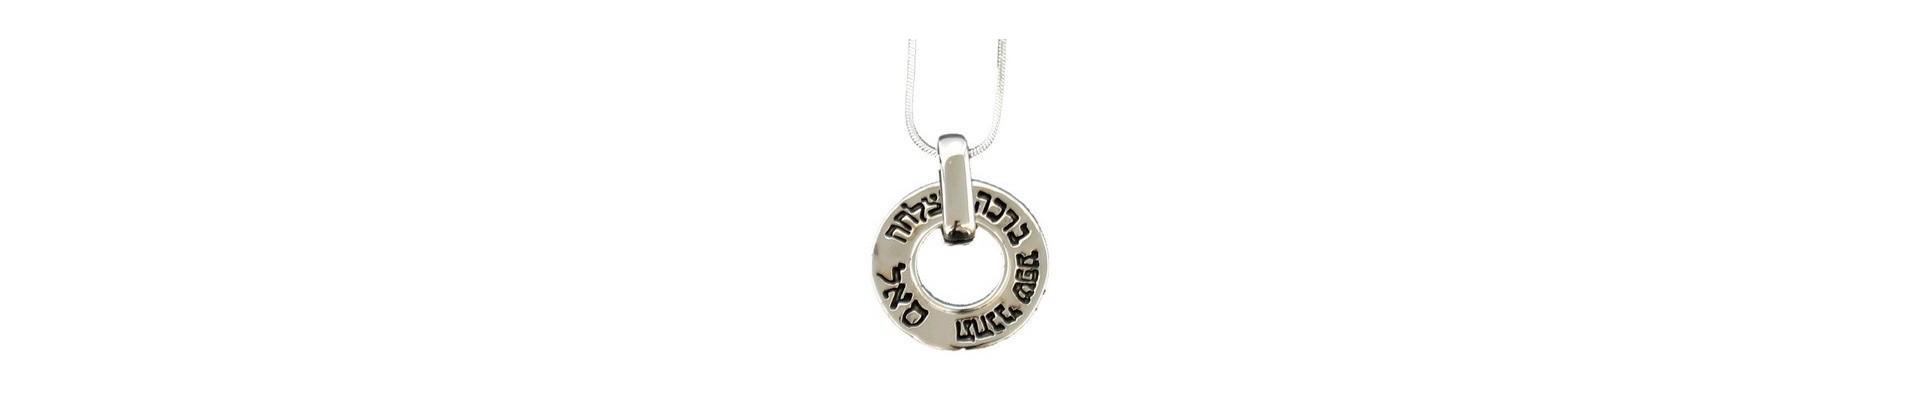 pendants&necklaces